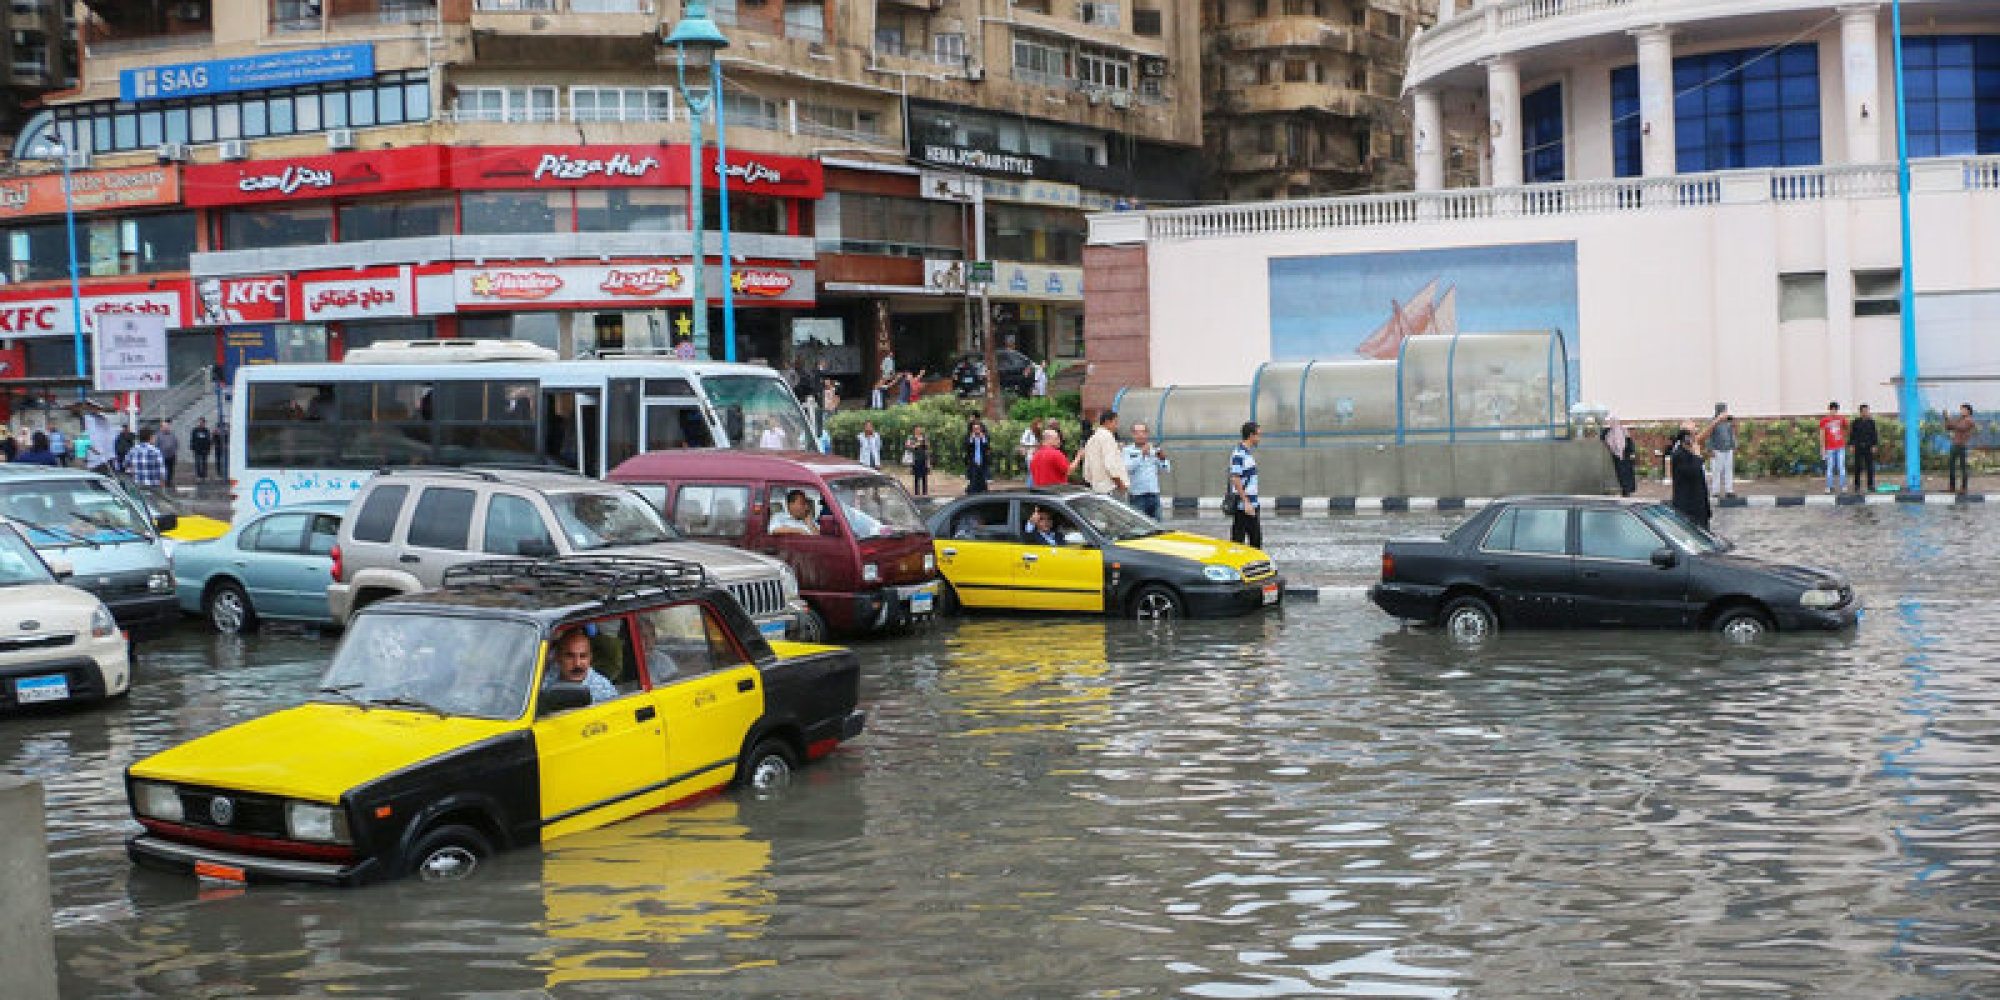 البحر يبتلعها تدريجياً.. هل تغرق دلتا النيل وتواجه مصر كارثة محققة؟